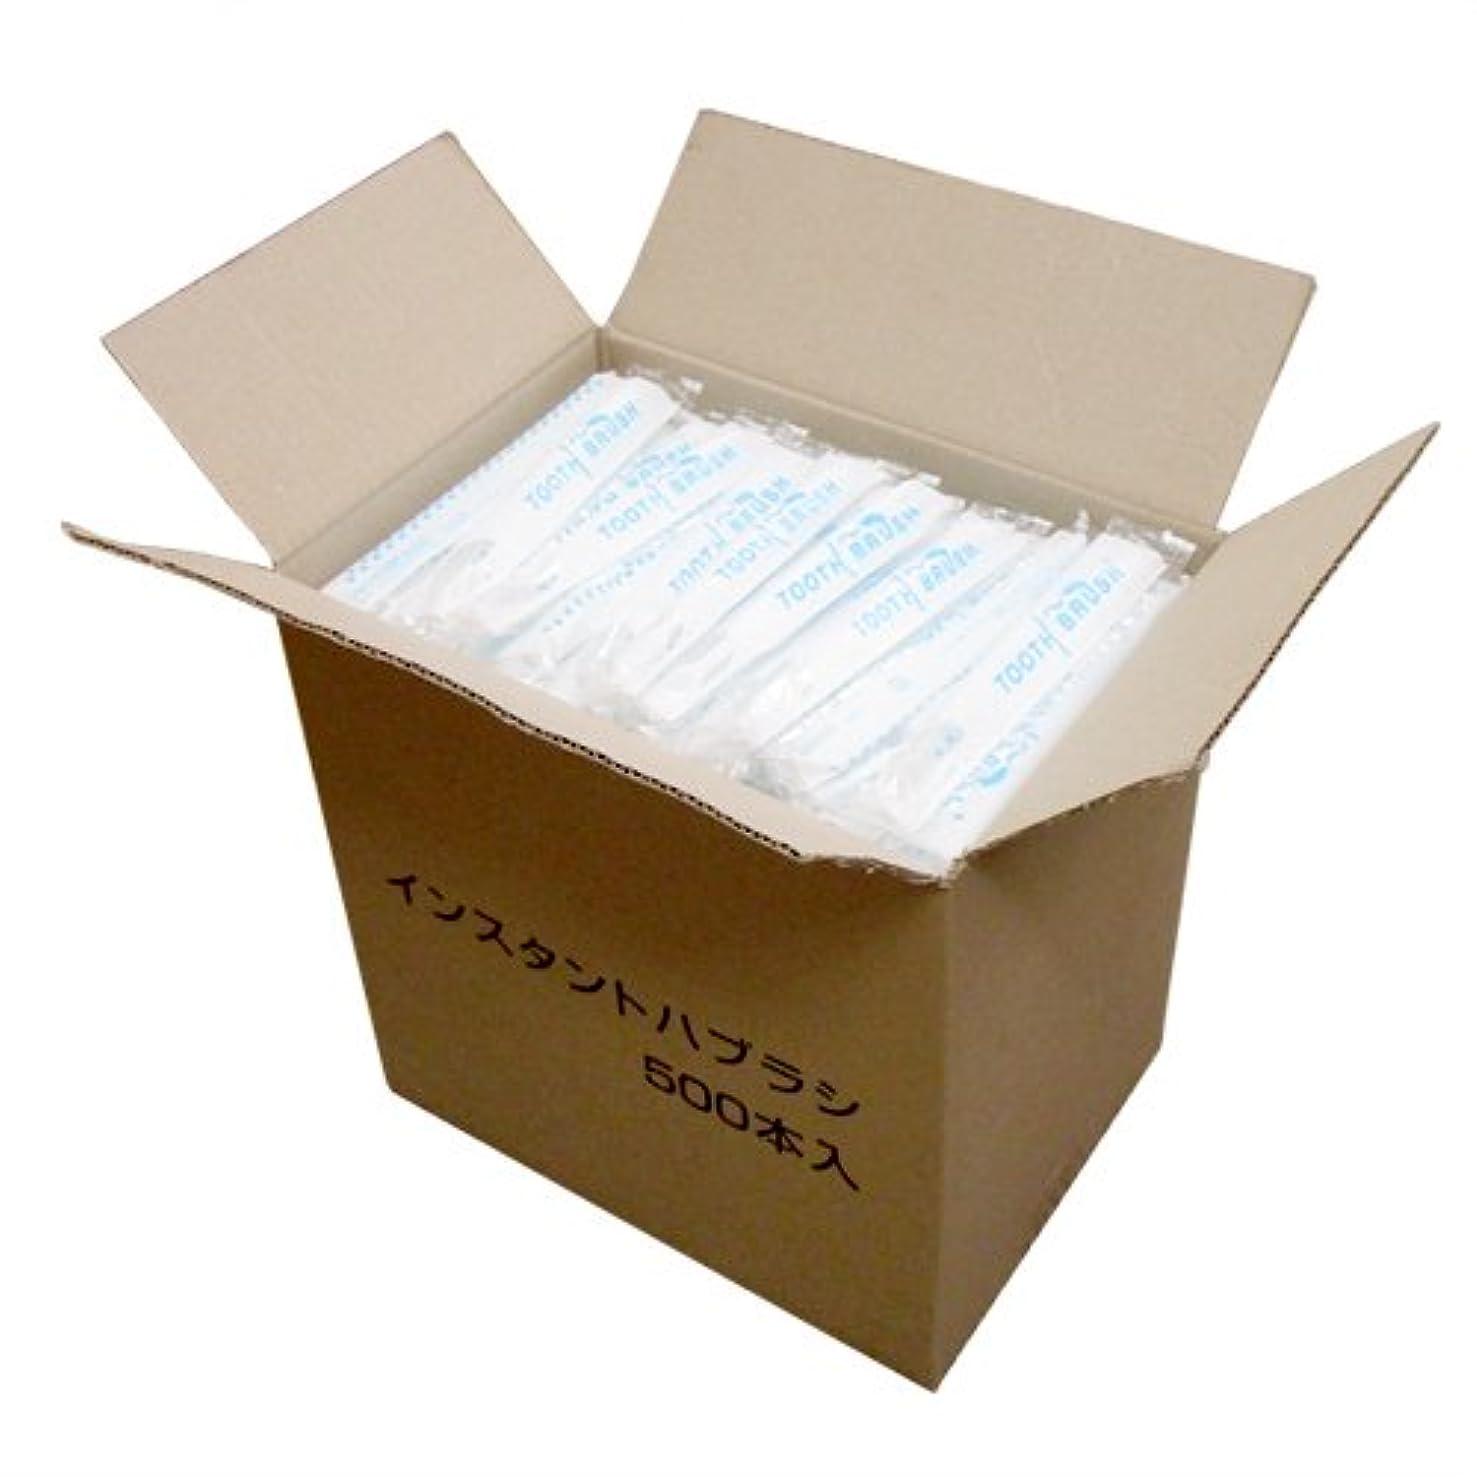 メドレーテラスマージ業務用 日本製 使い捨て粉付き歯ブラシ 個包装タイプ 500本入×1箱│ホテルアメニティ